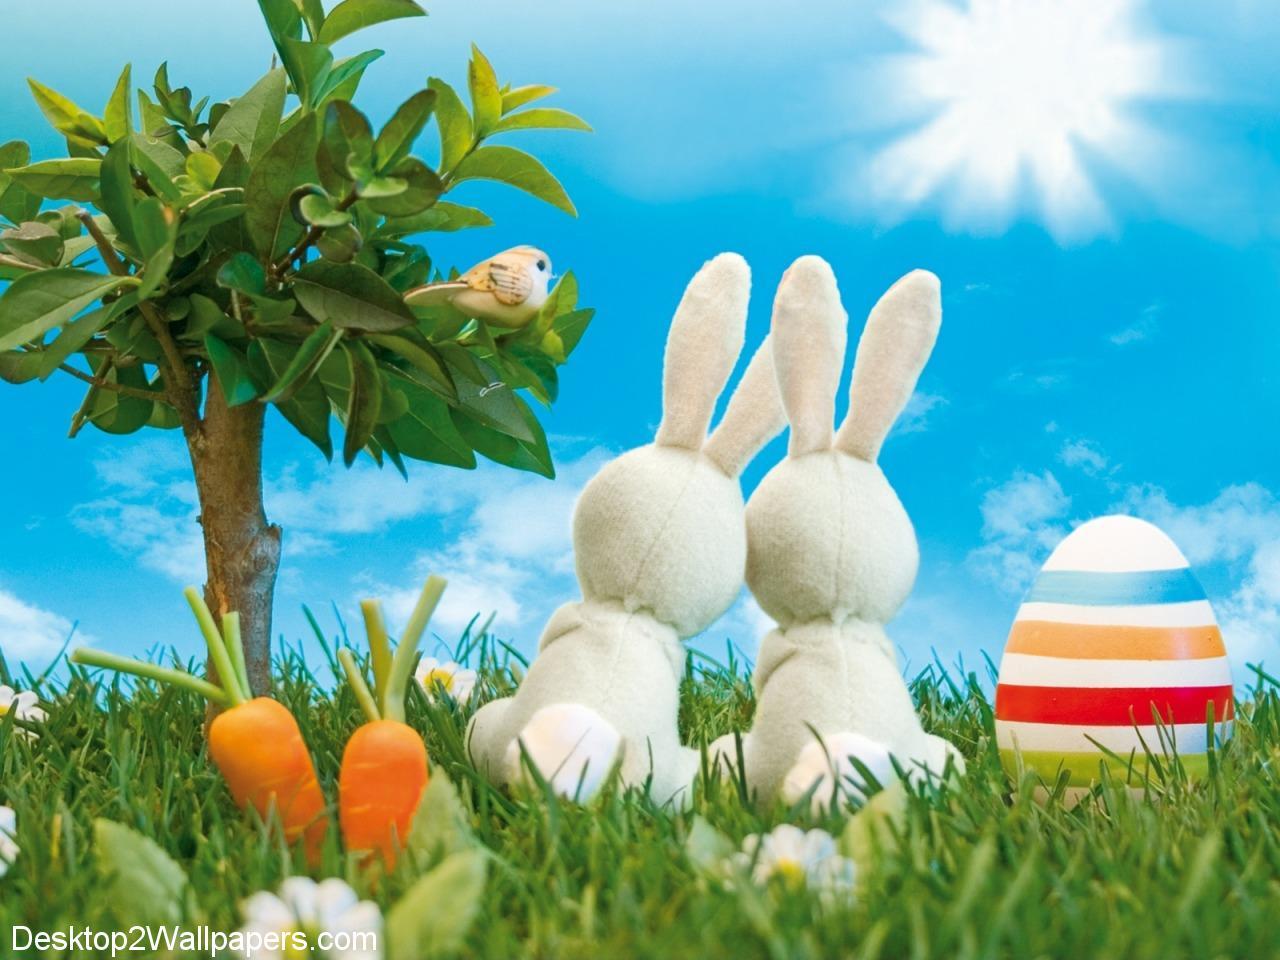 Free Easter Wallpaper - WallpaperSafari